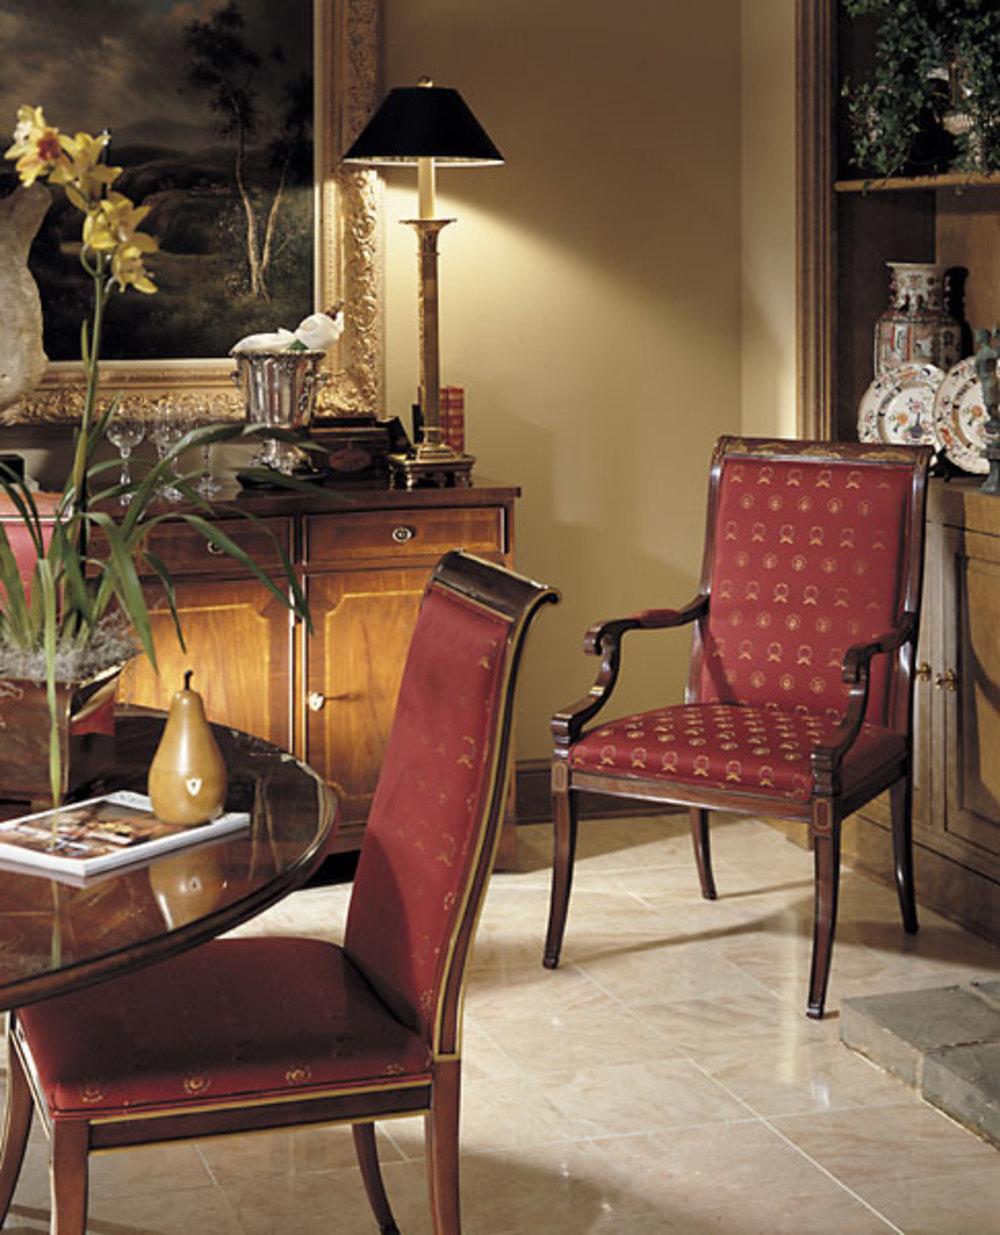 Karges Furniture - Regency Arm Chair